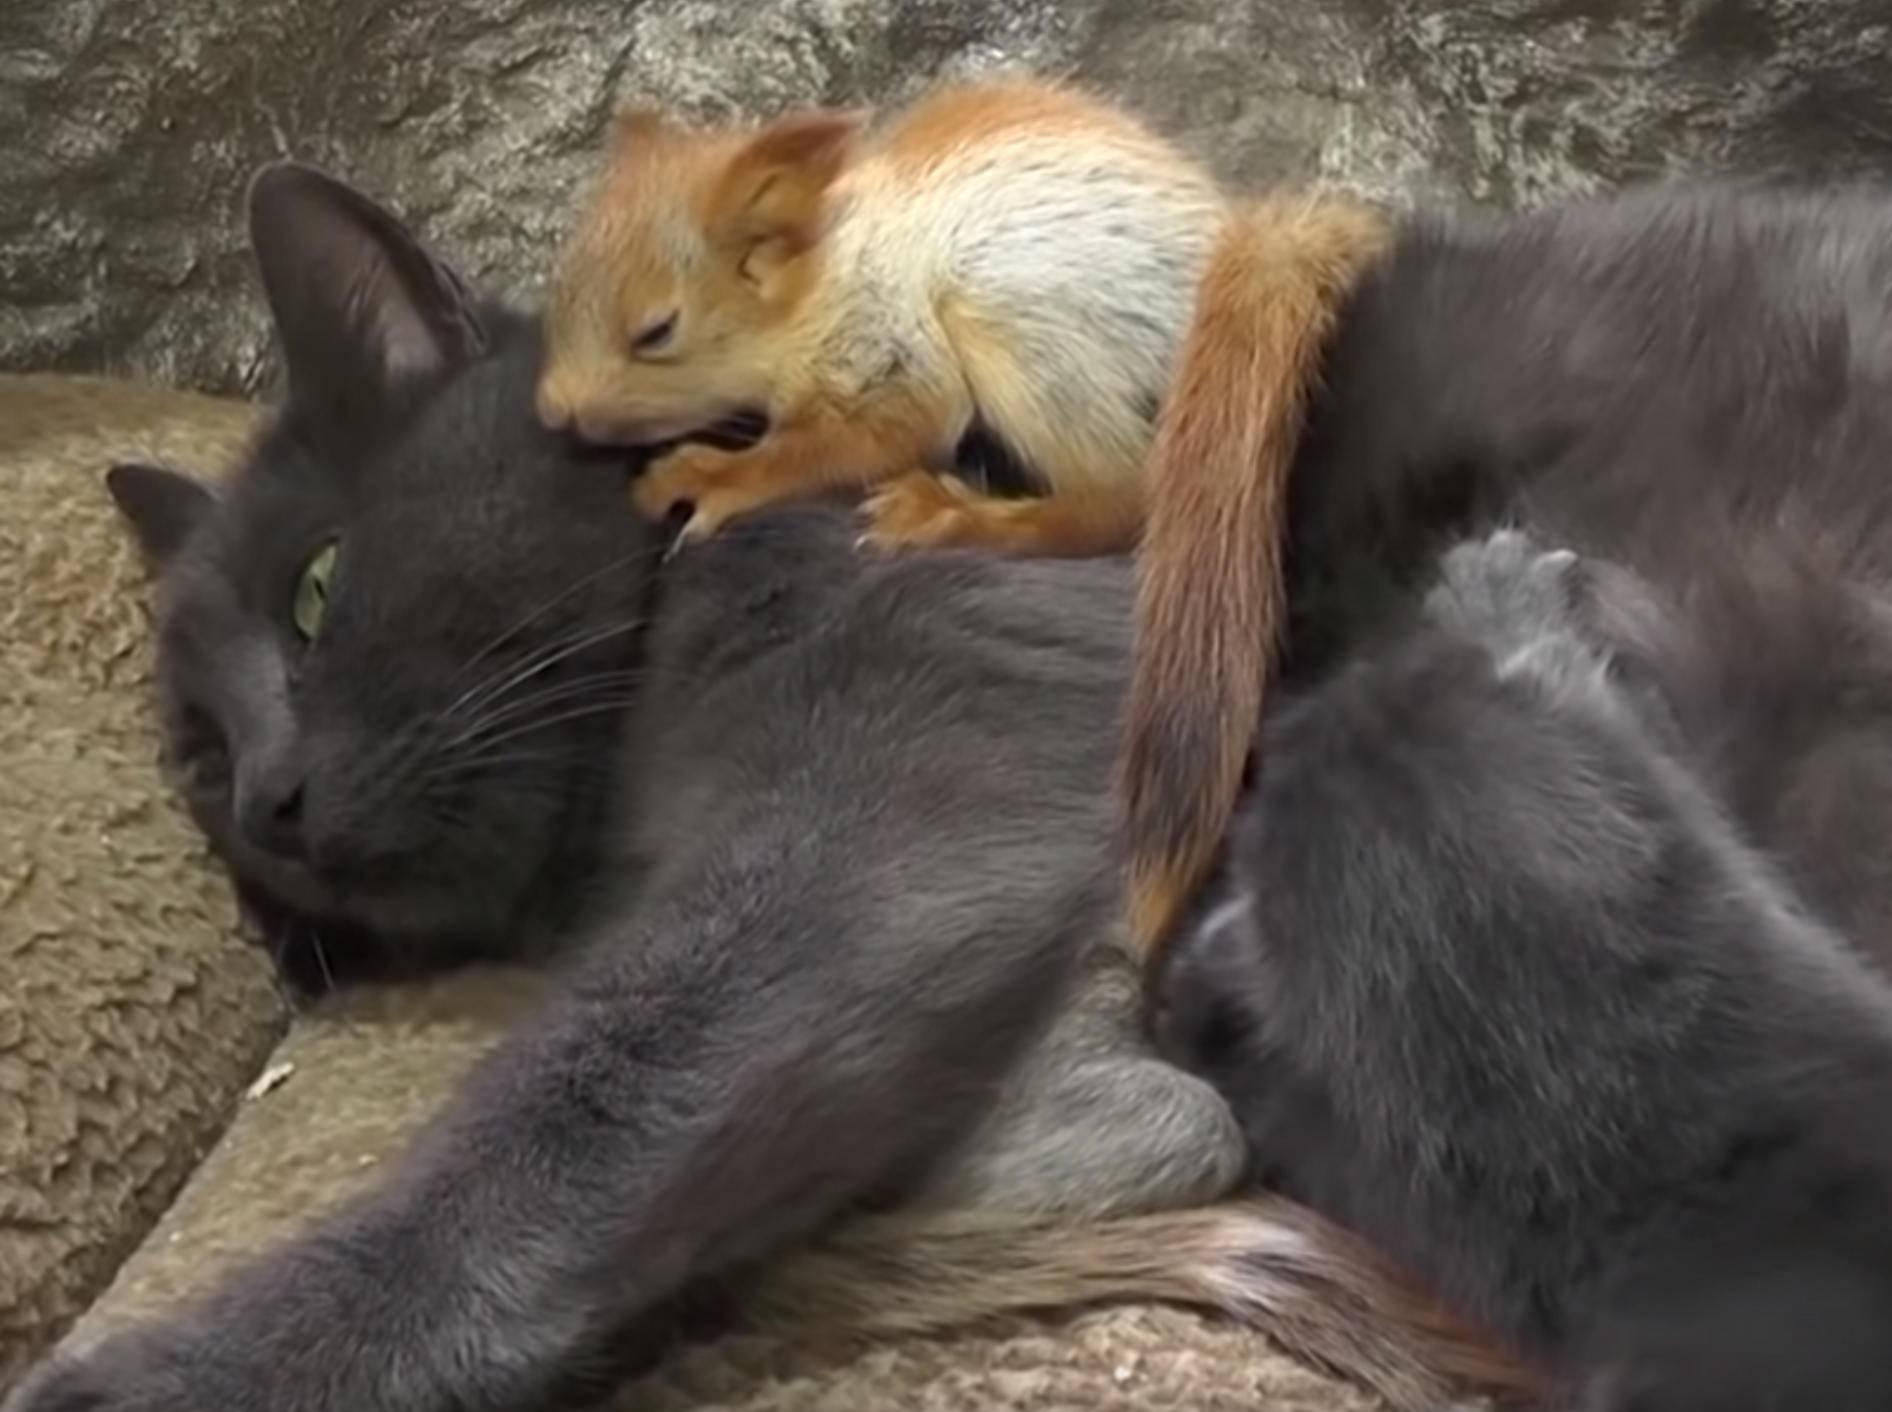 Katze Puscha kümmert sich liebevoll um vier verwaiste Eichhörnchen-Babys - Bild: YouTube/euronews (deutsch)